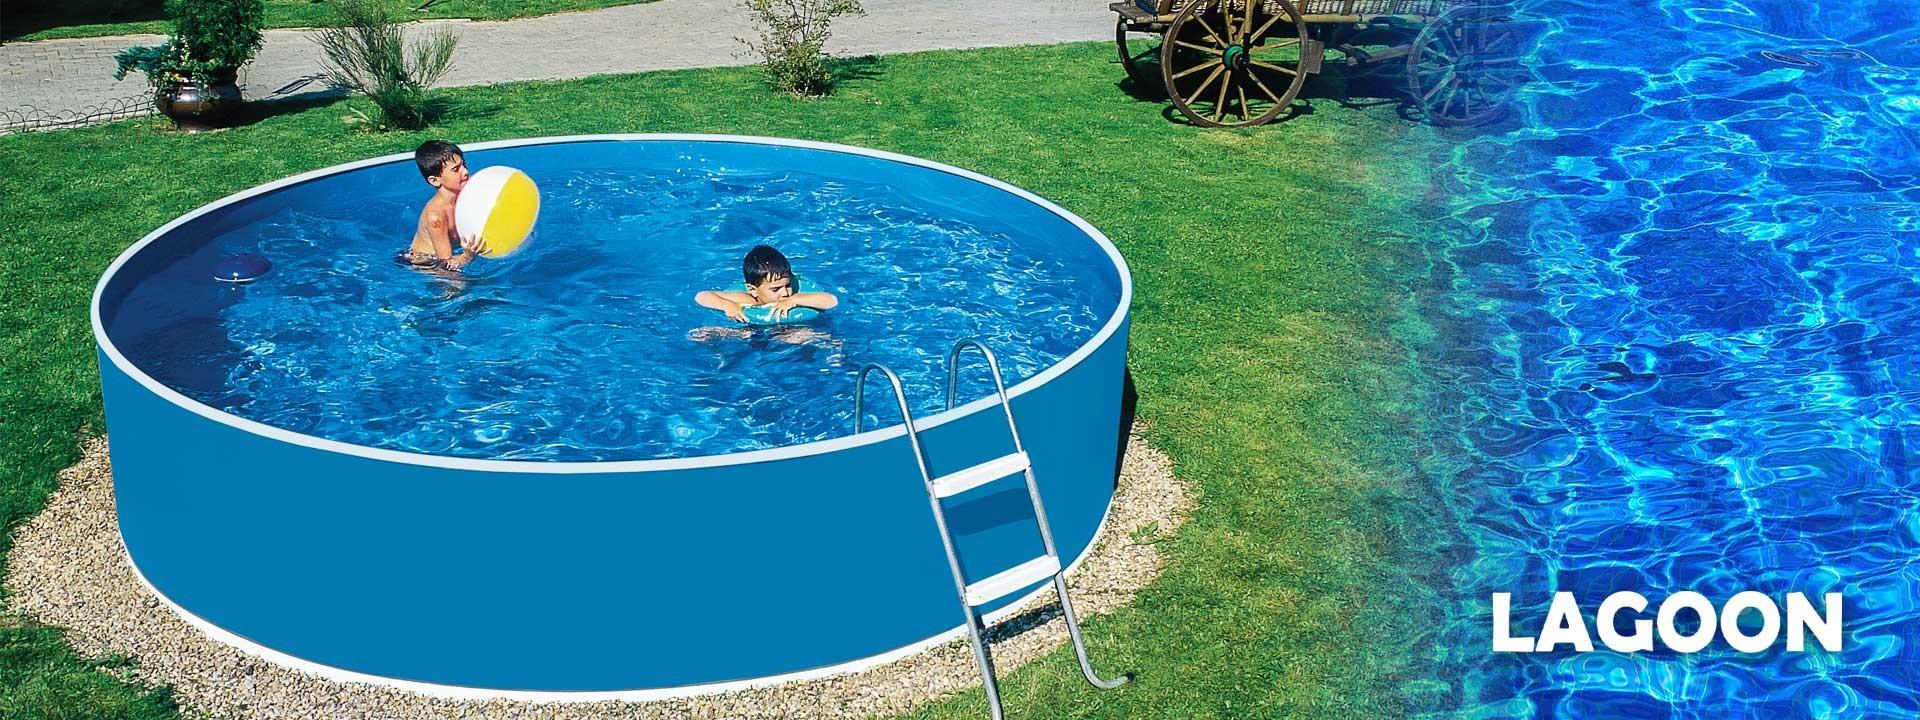 medence könnyű csatlakoztatása